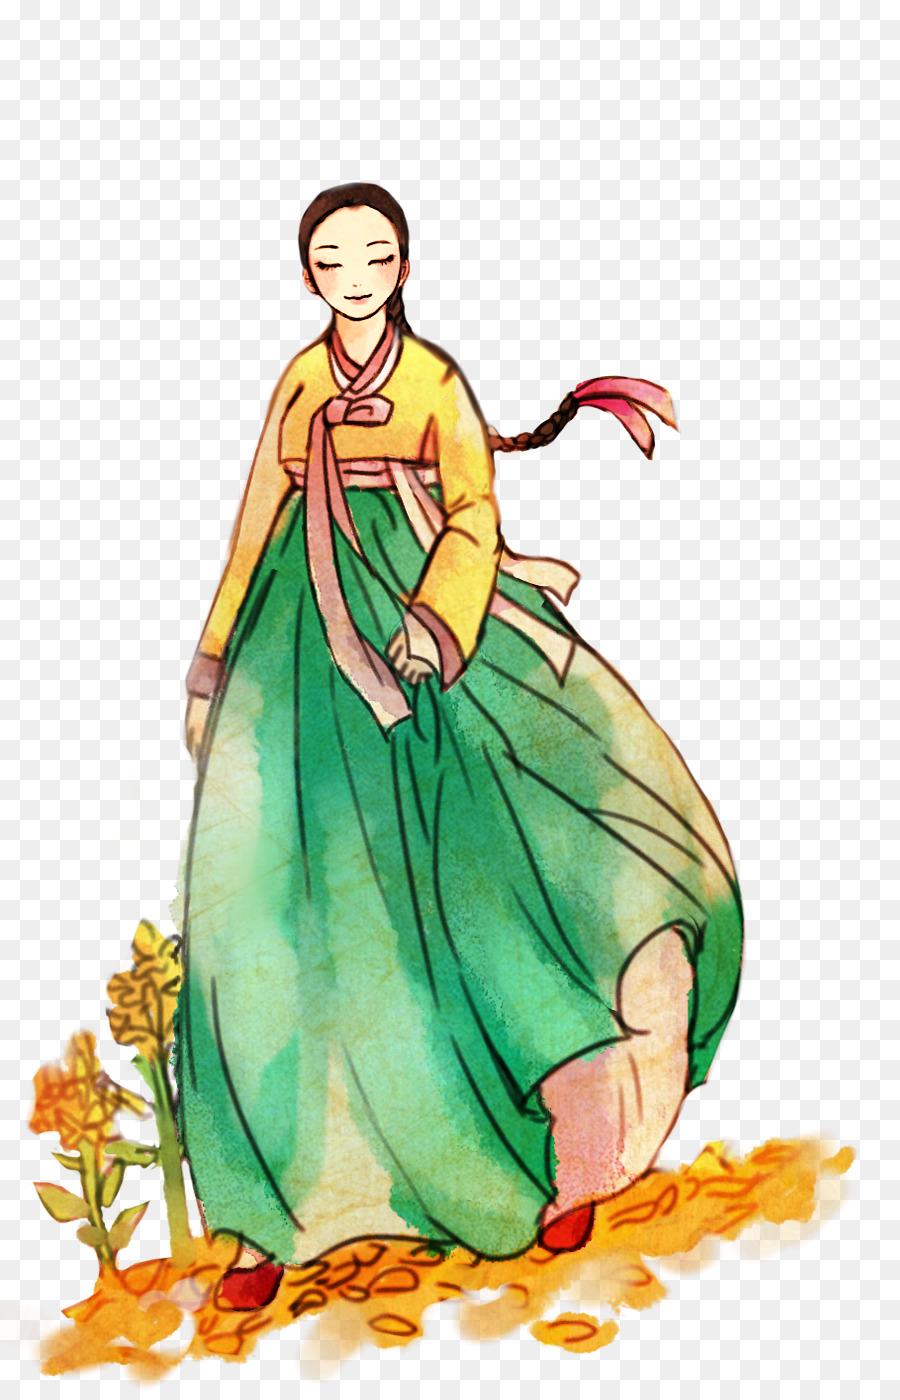 Descarga gratuita de Hanbok, Corea Del Sur, Dibujo imágenes PNG